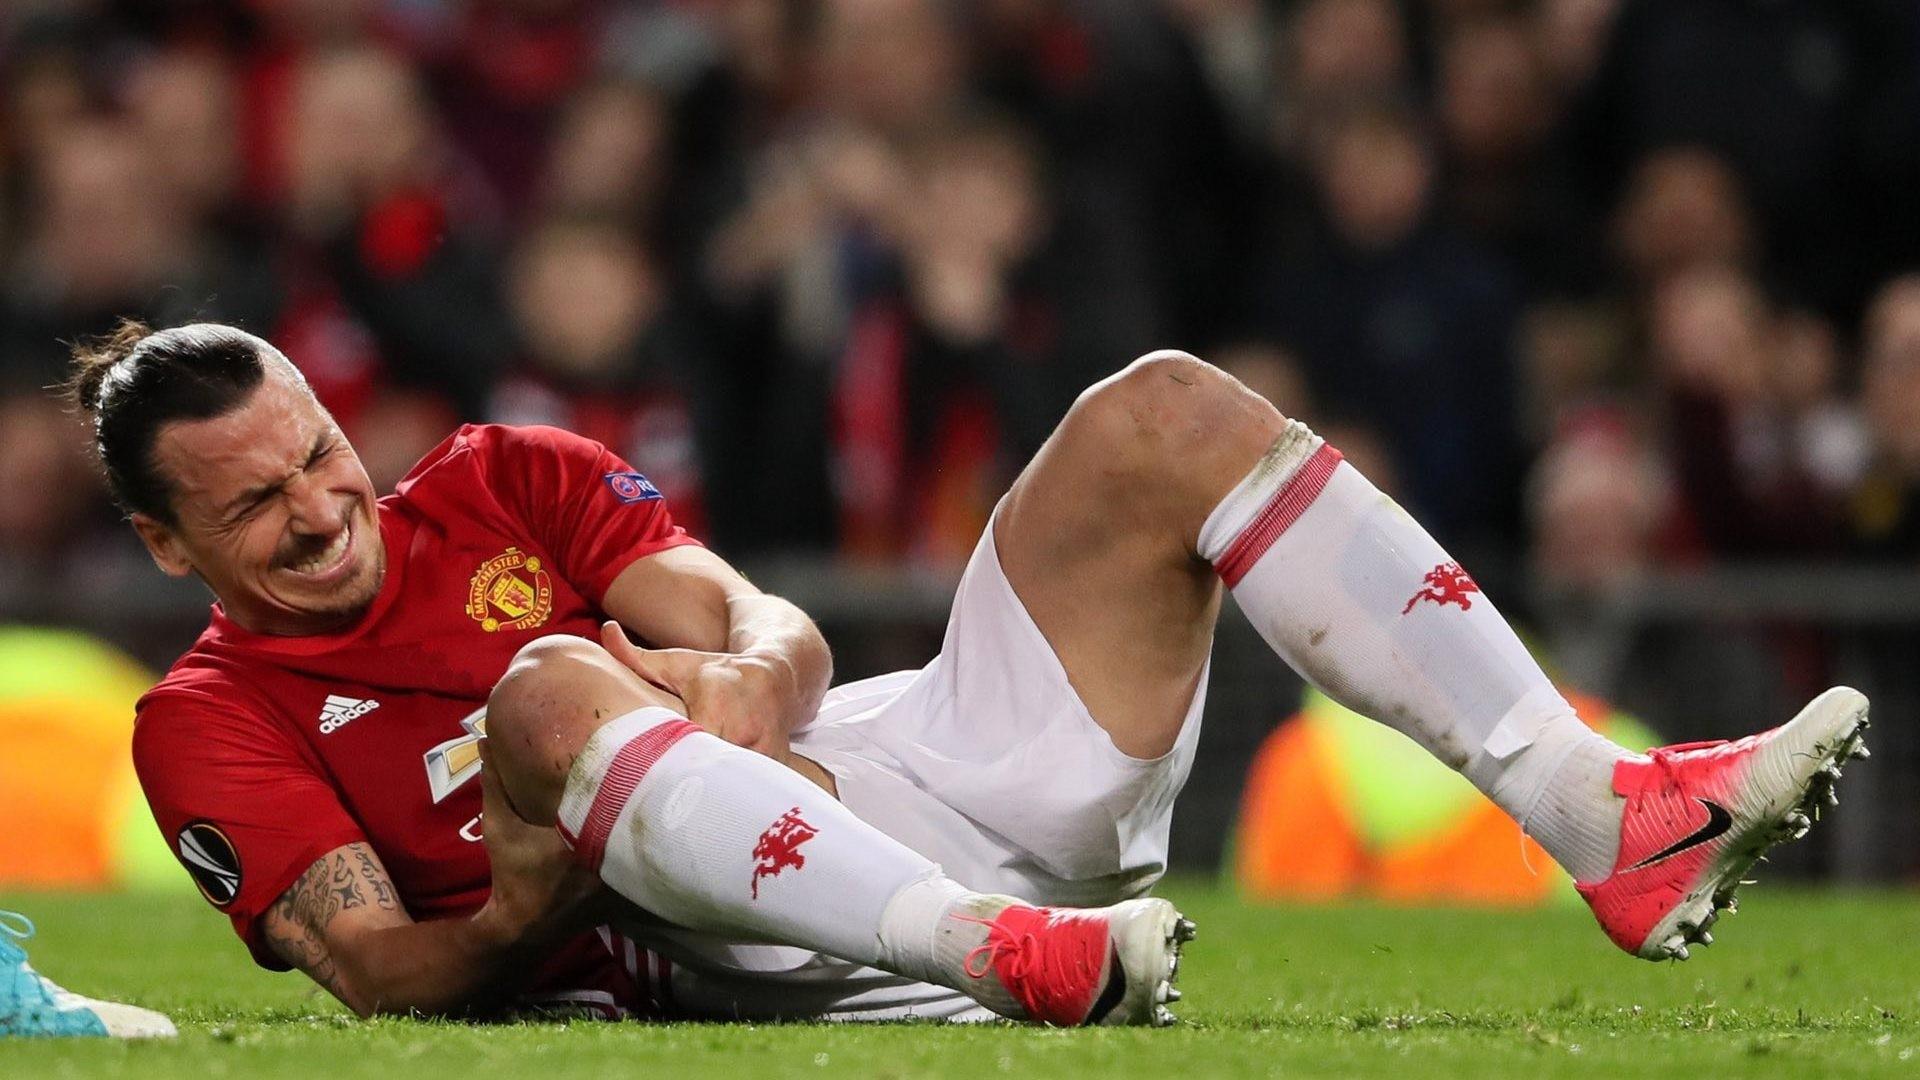 Футболист «Манчестер Юнайтед» Ибрагимович пропустит месяц из-за травмы